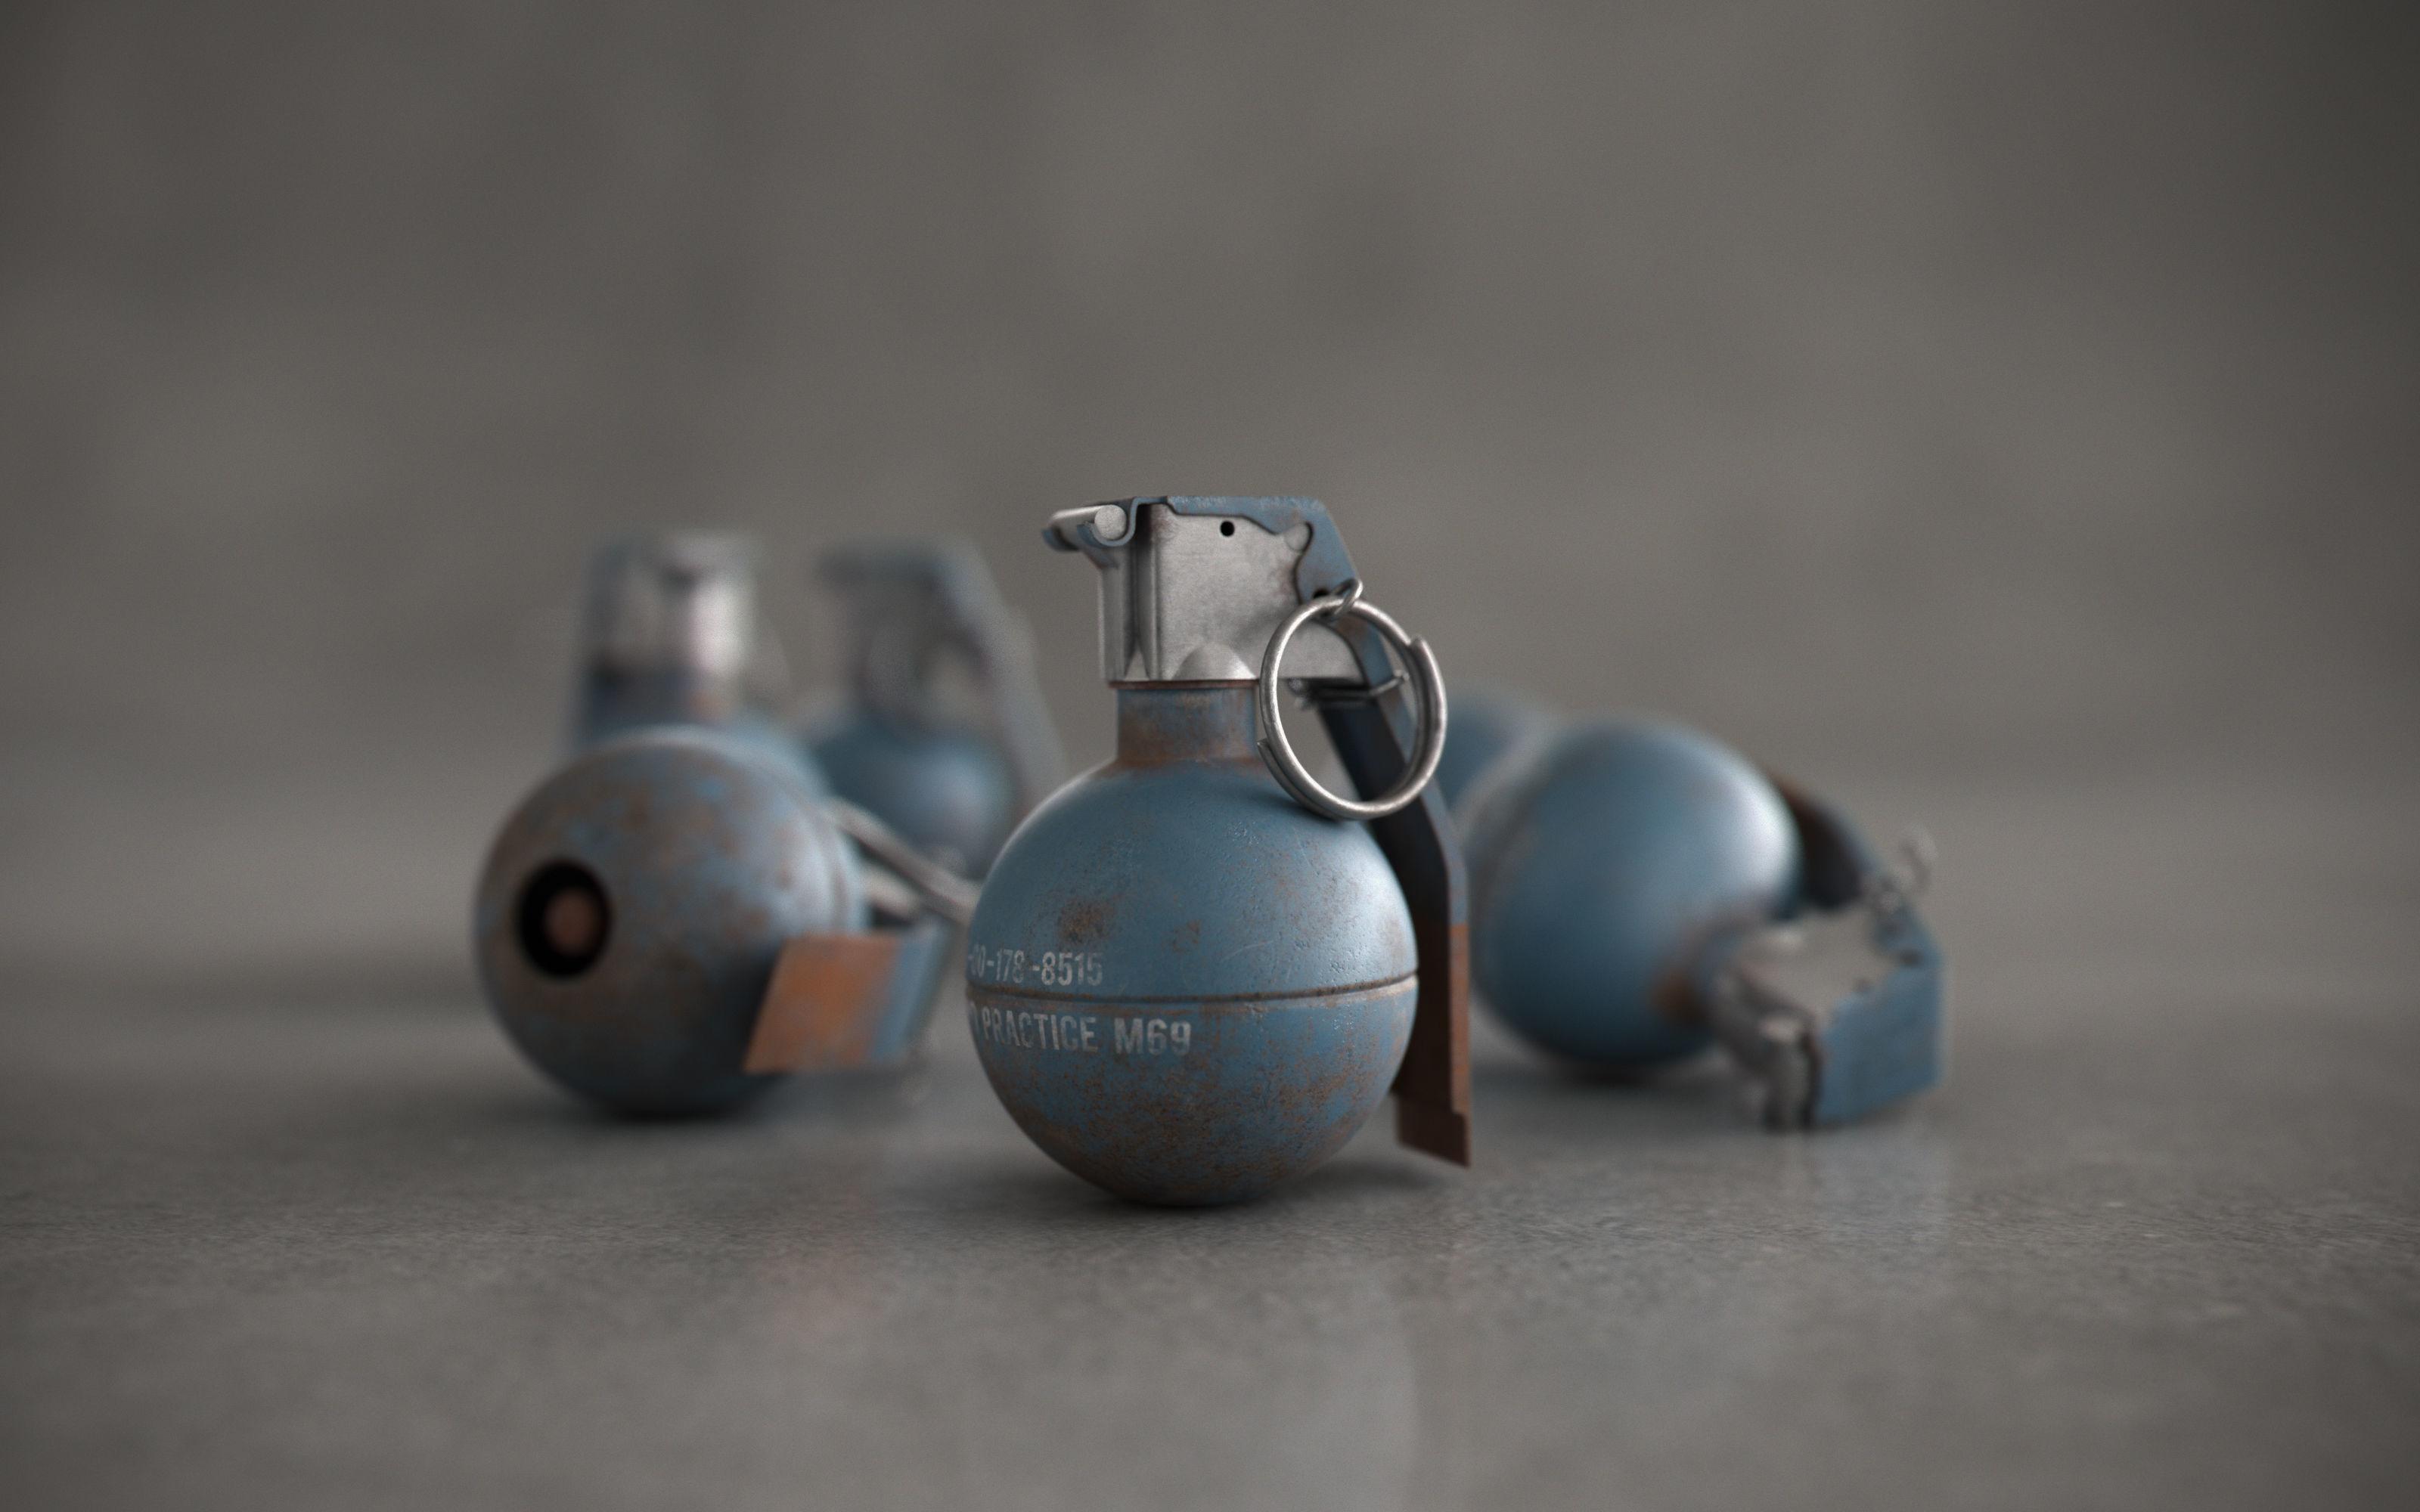 Grenade Hand Practice - M69 | 3D model